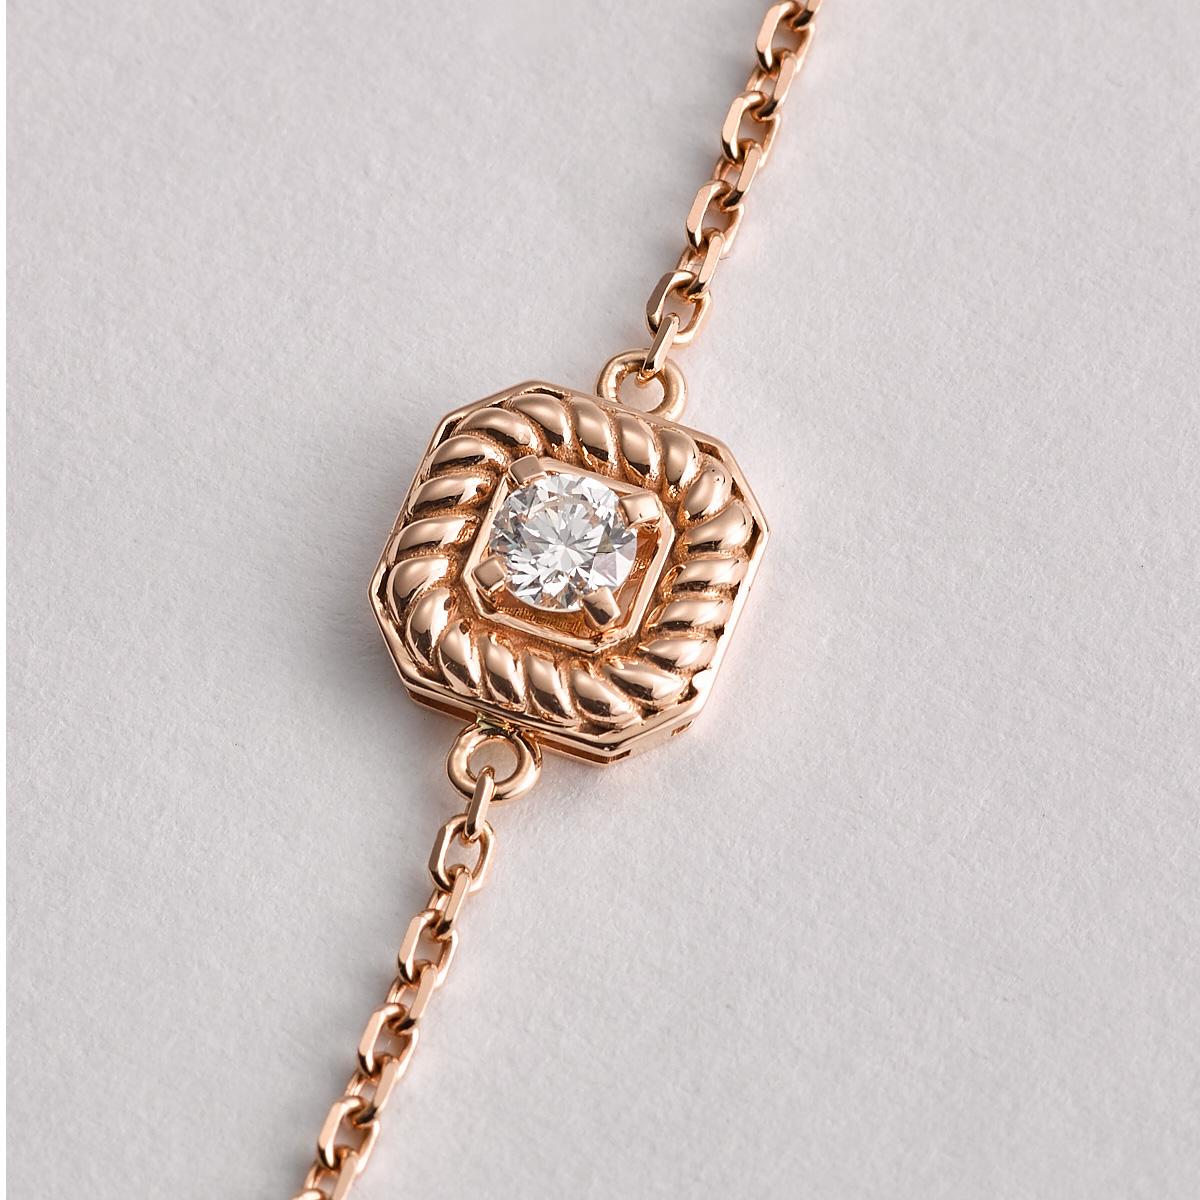 Jewellry_ product_Bracelet 3b.jpg